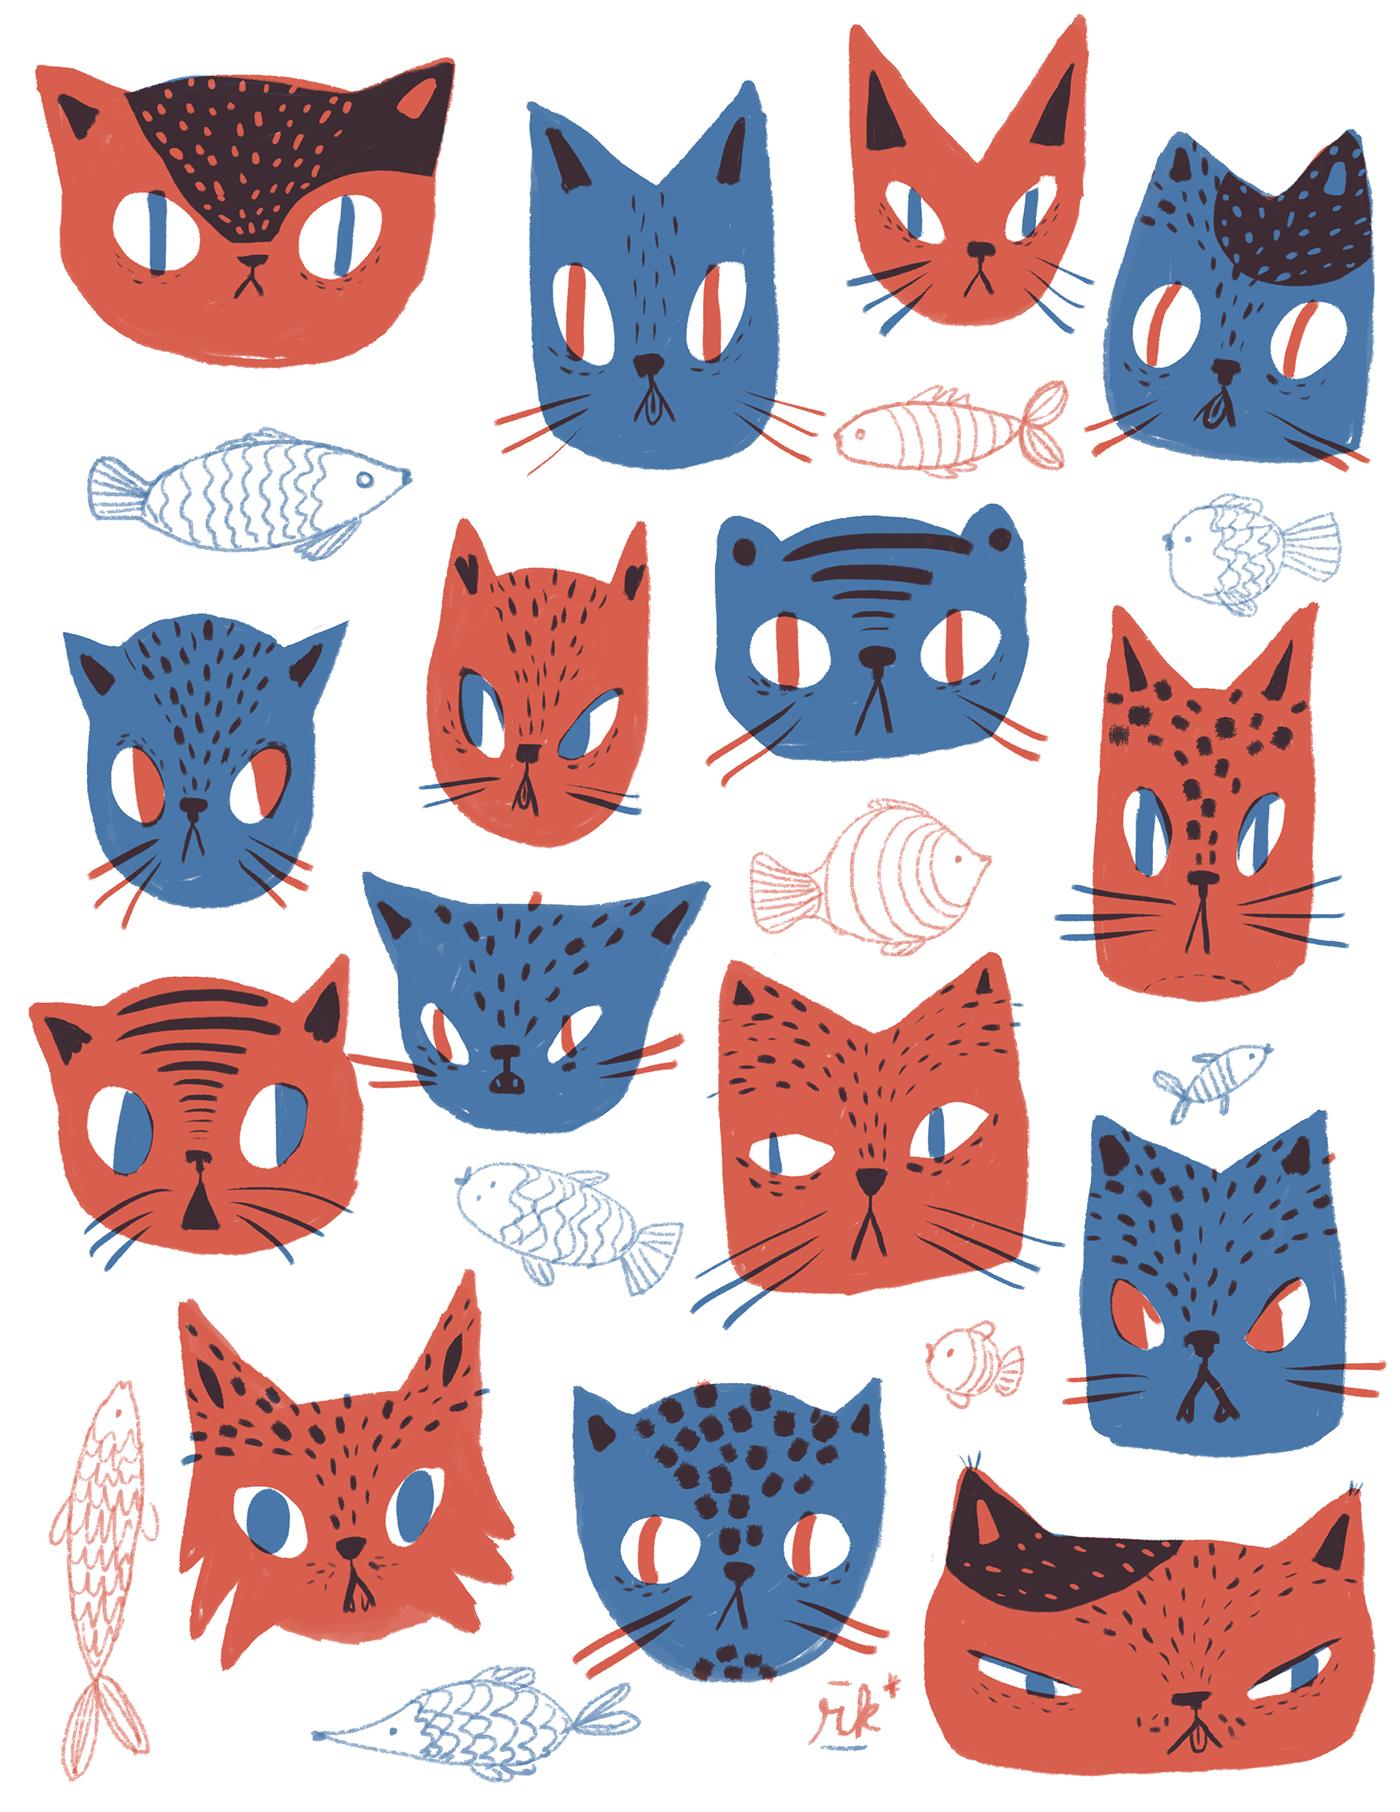 完美的19個貓咪圖案欣賞